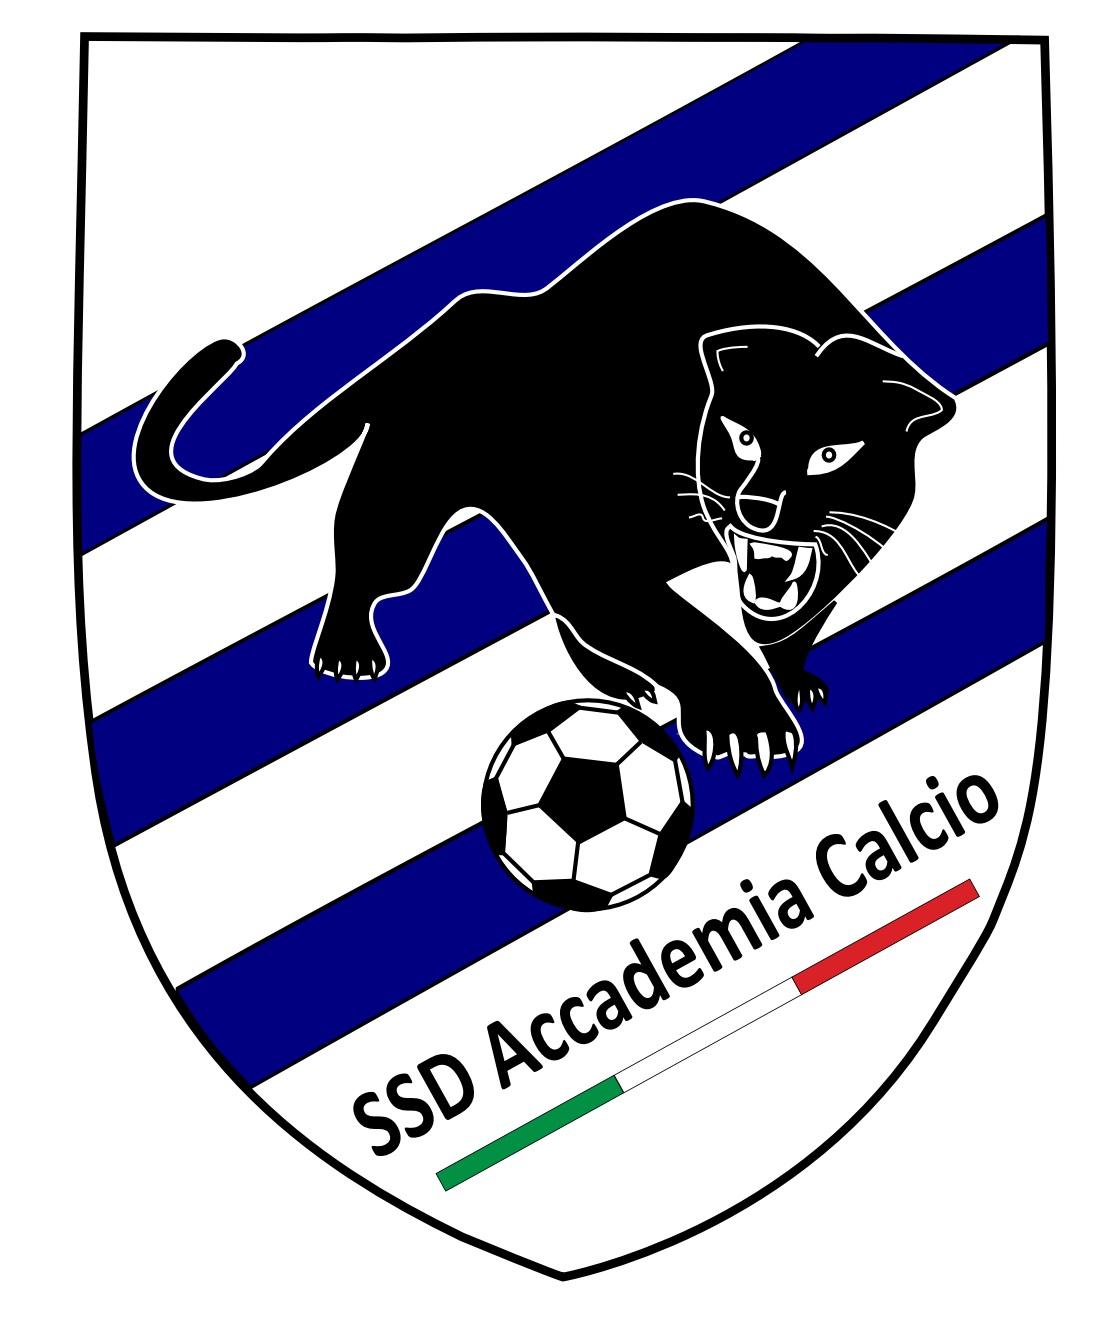 il calcio giovanile abruzzo 010715 010815